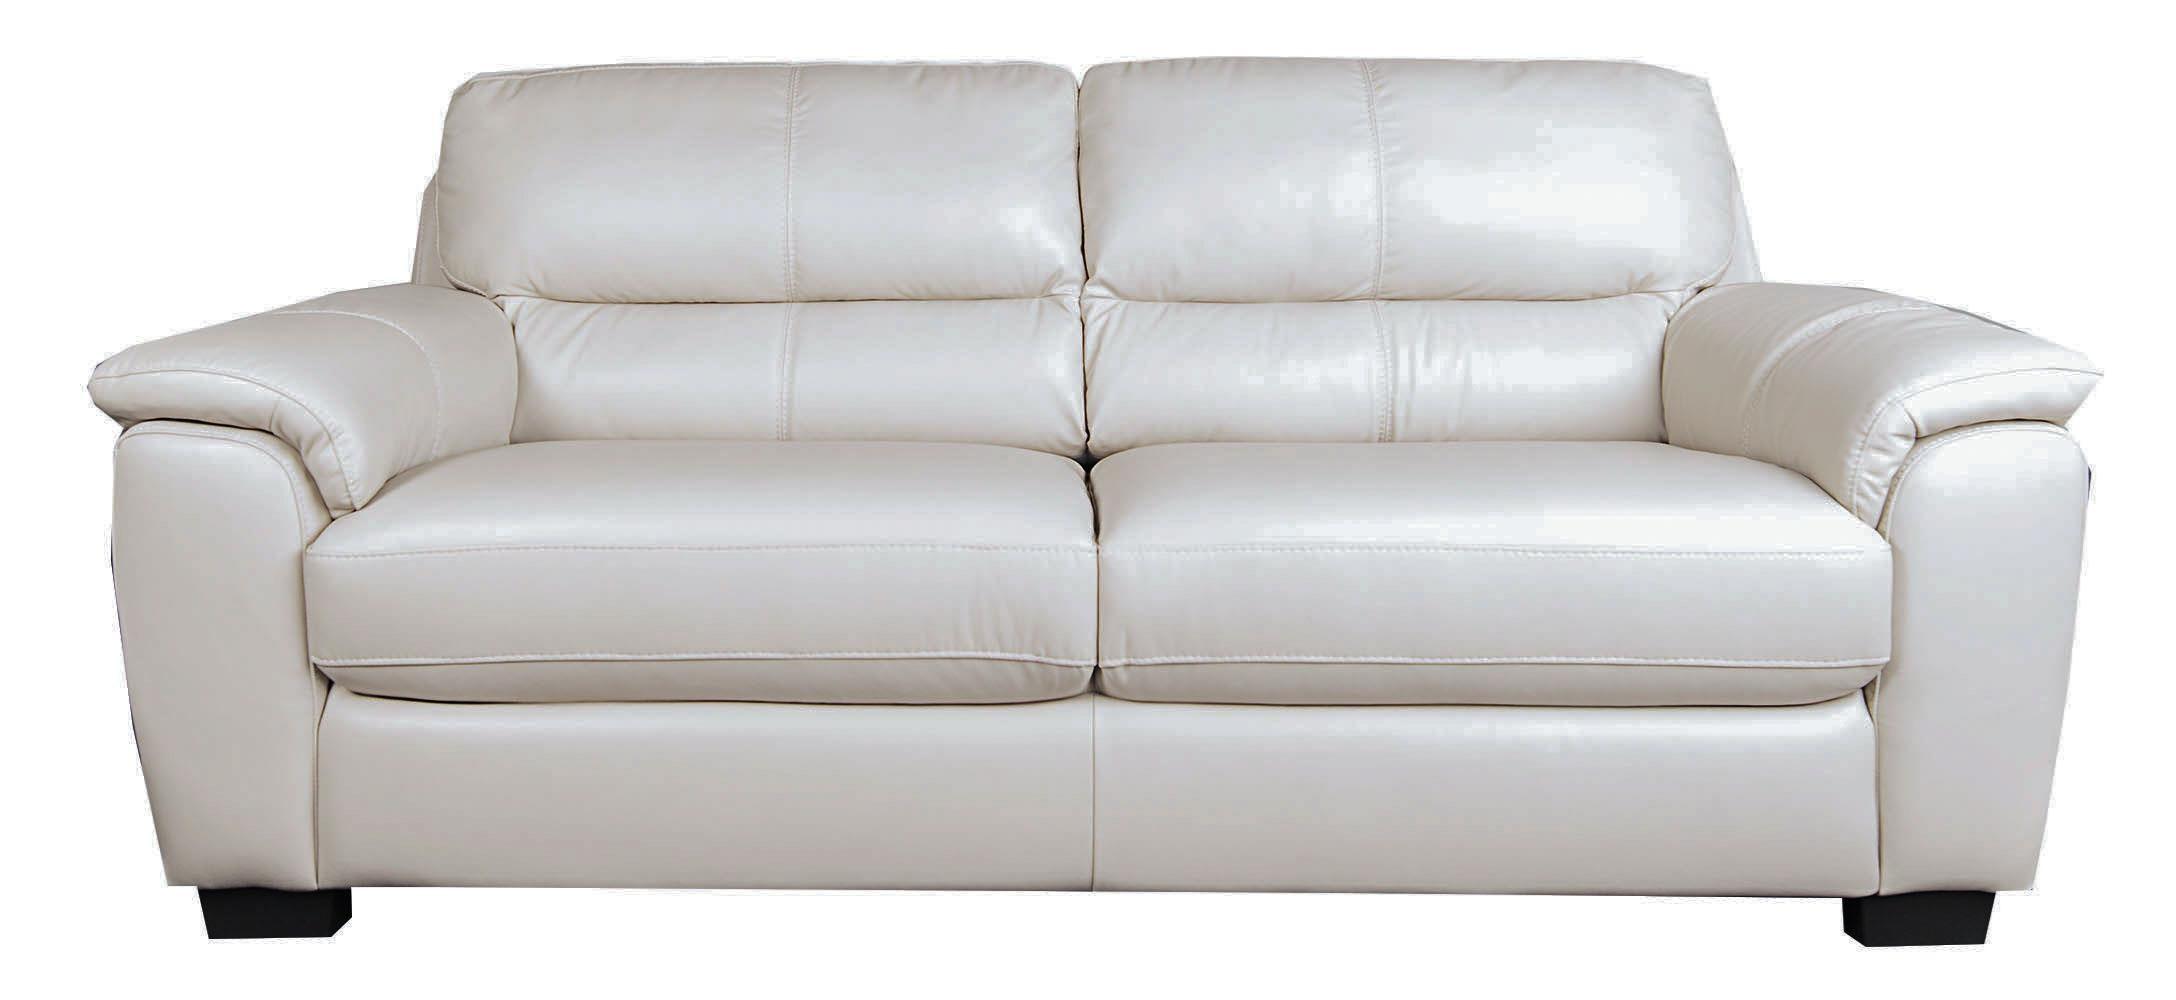 Holt 100% Leather Sofa